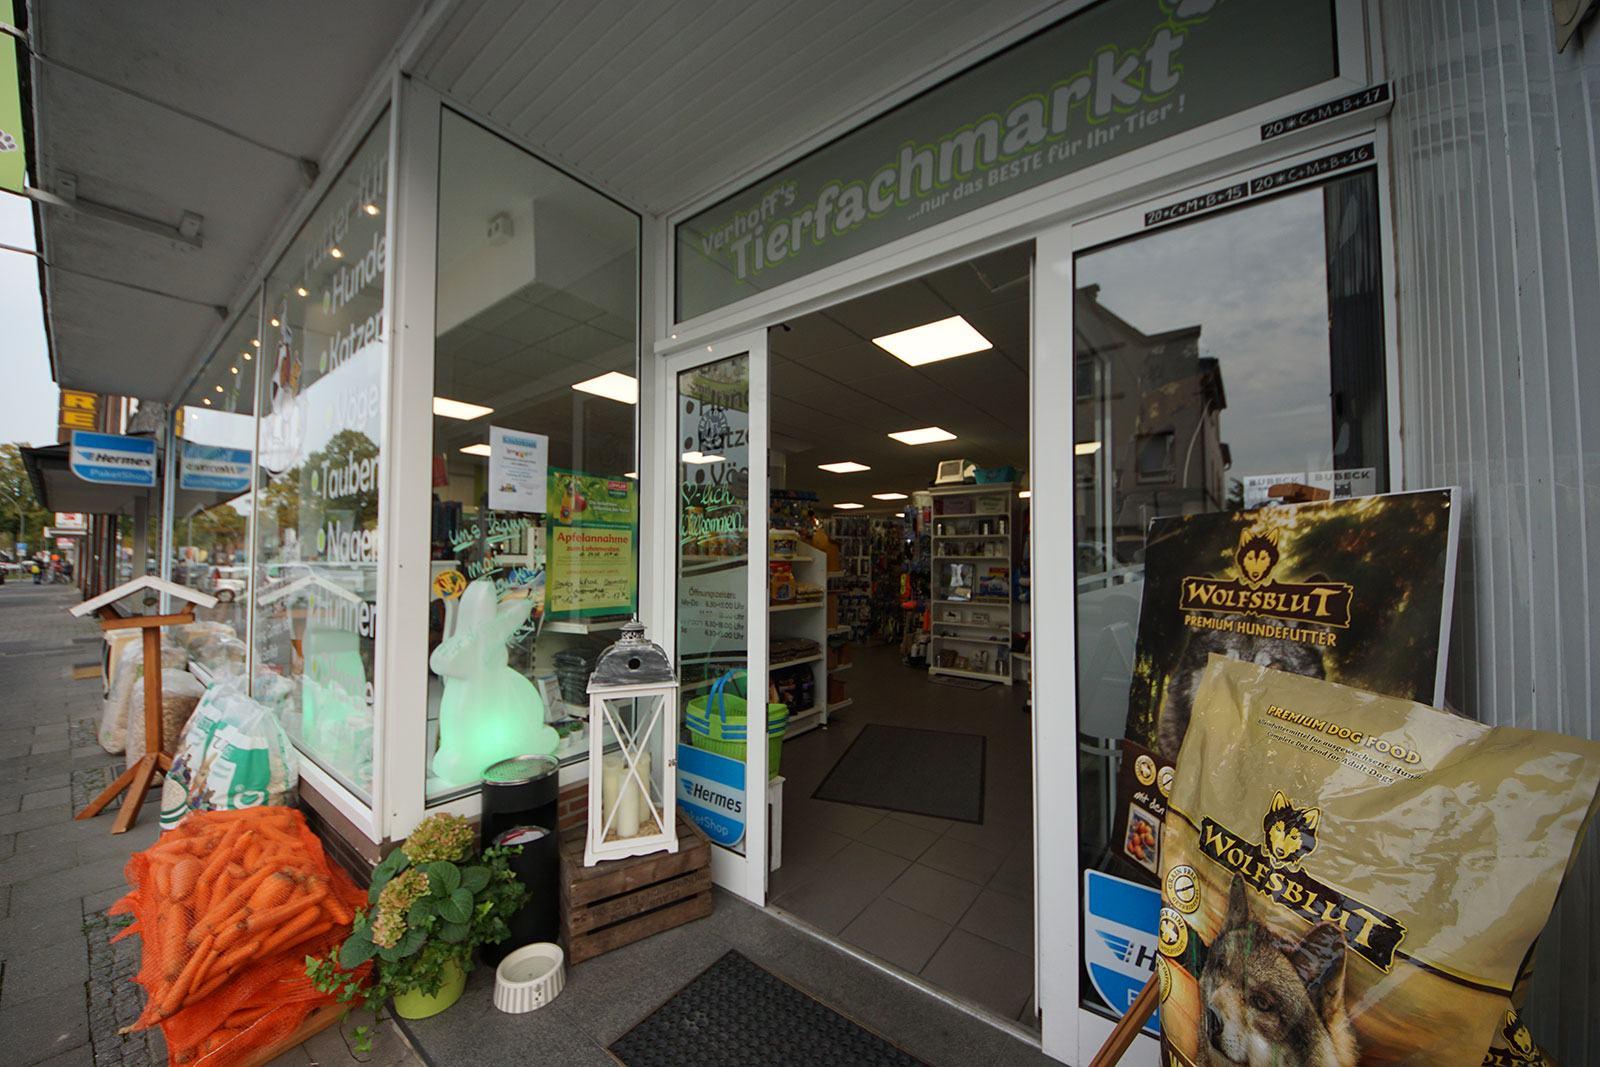 Verhoff_Tierfachmarkt_446